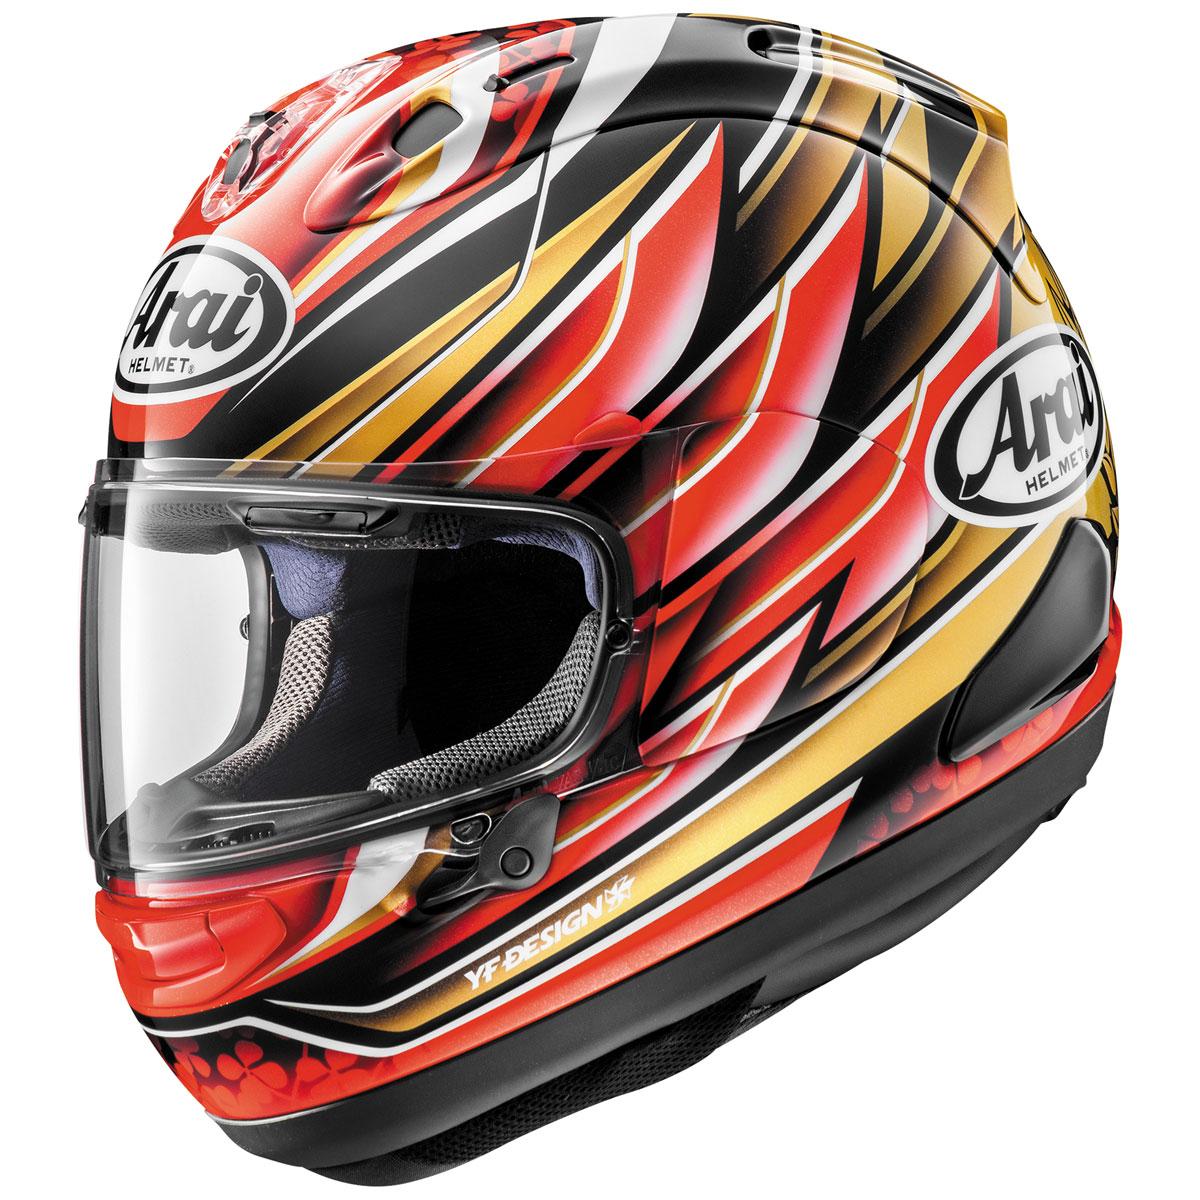 Arai Cosair-X Nakagami Full Face Helmet